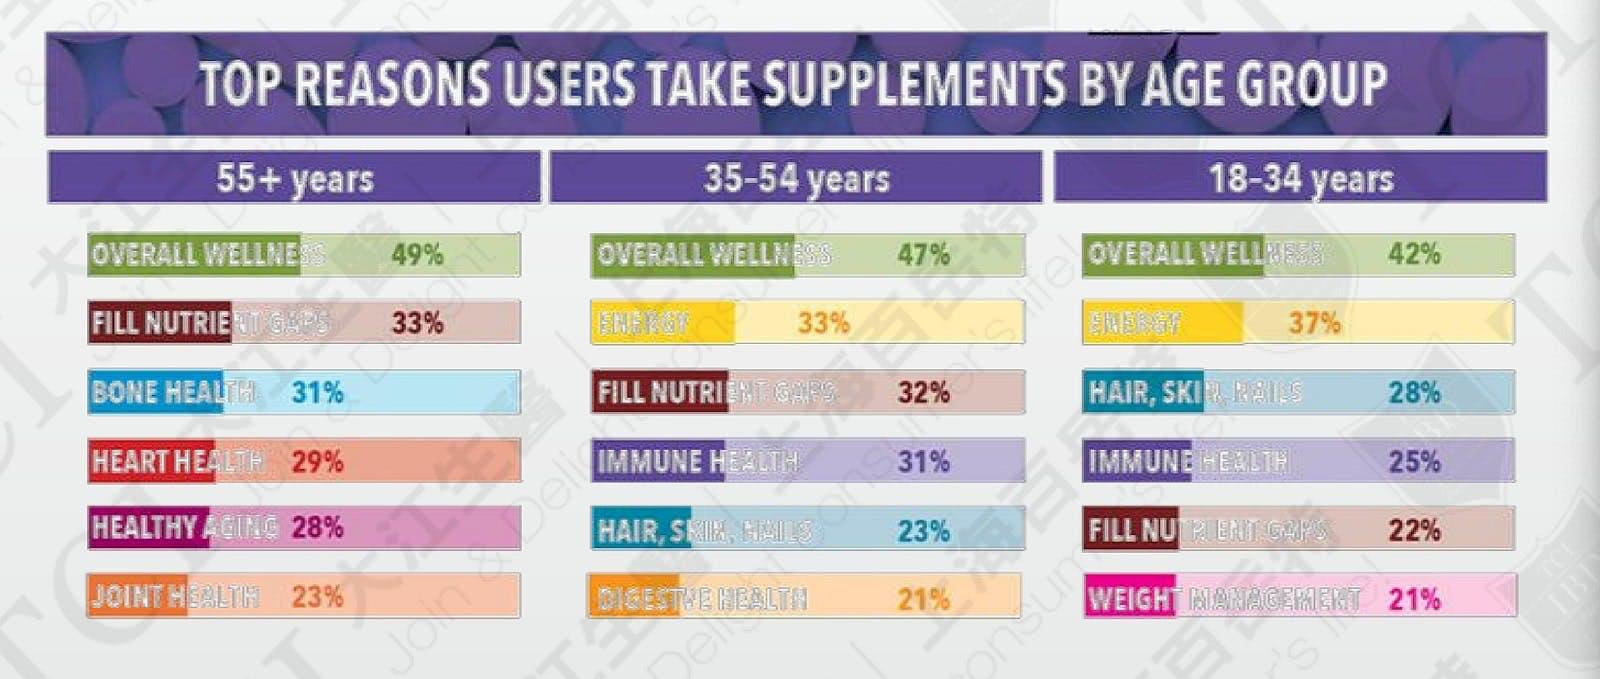 2018美国各年龄层消费者使用保健品原因, 资料来源: CRN